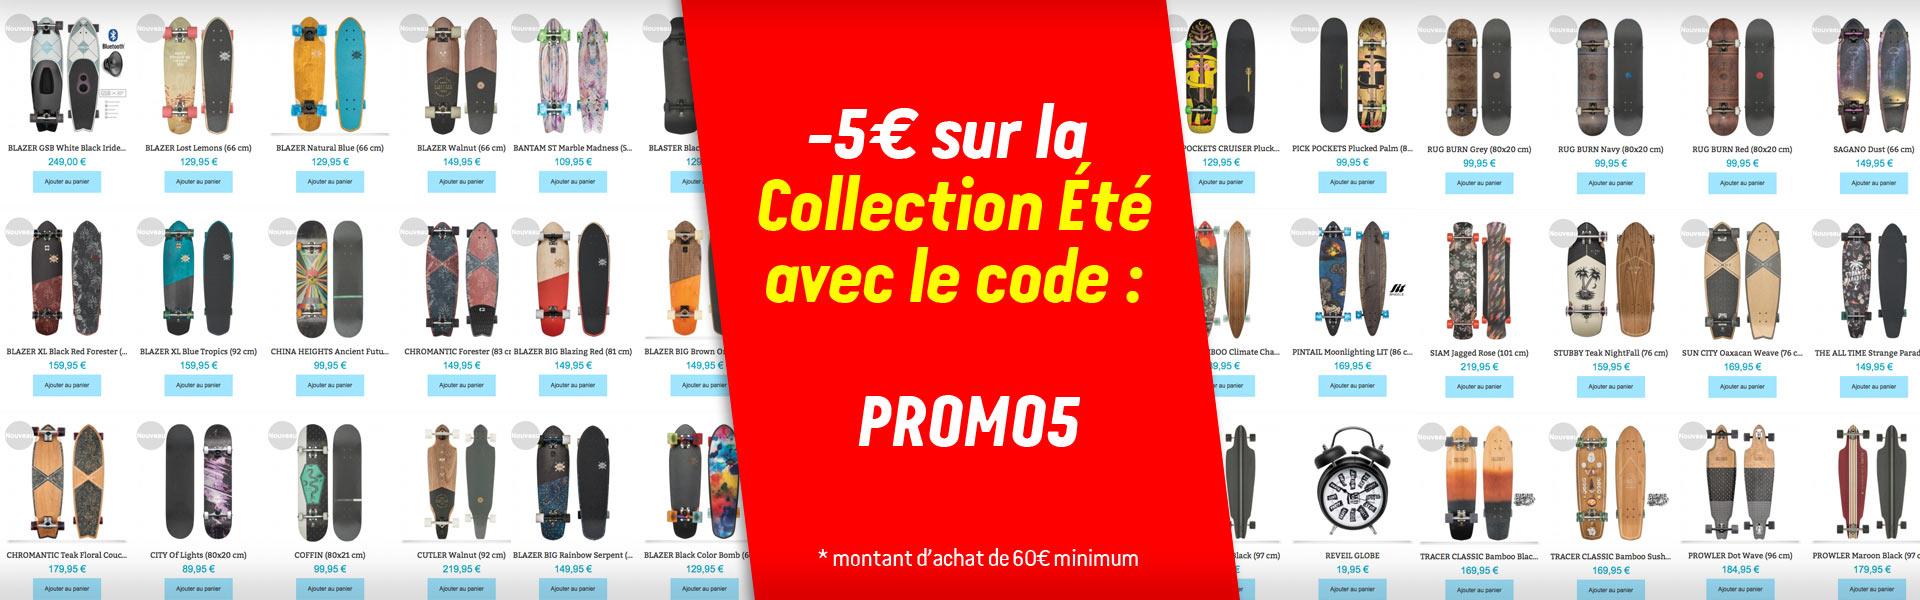 Promo 5 euros